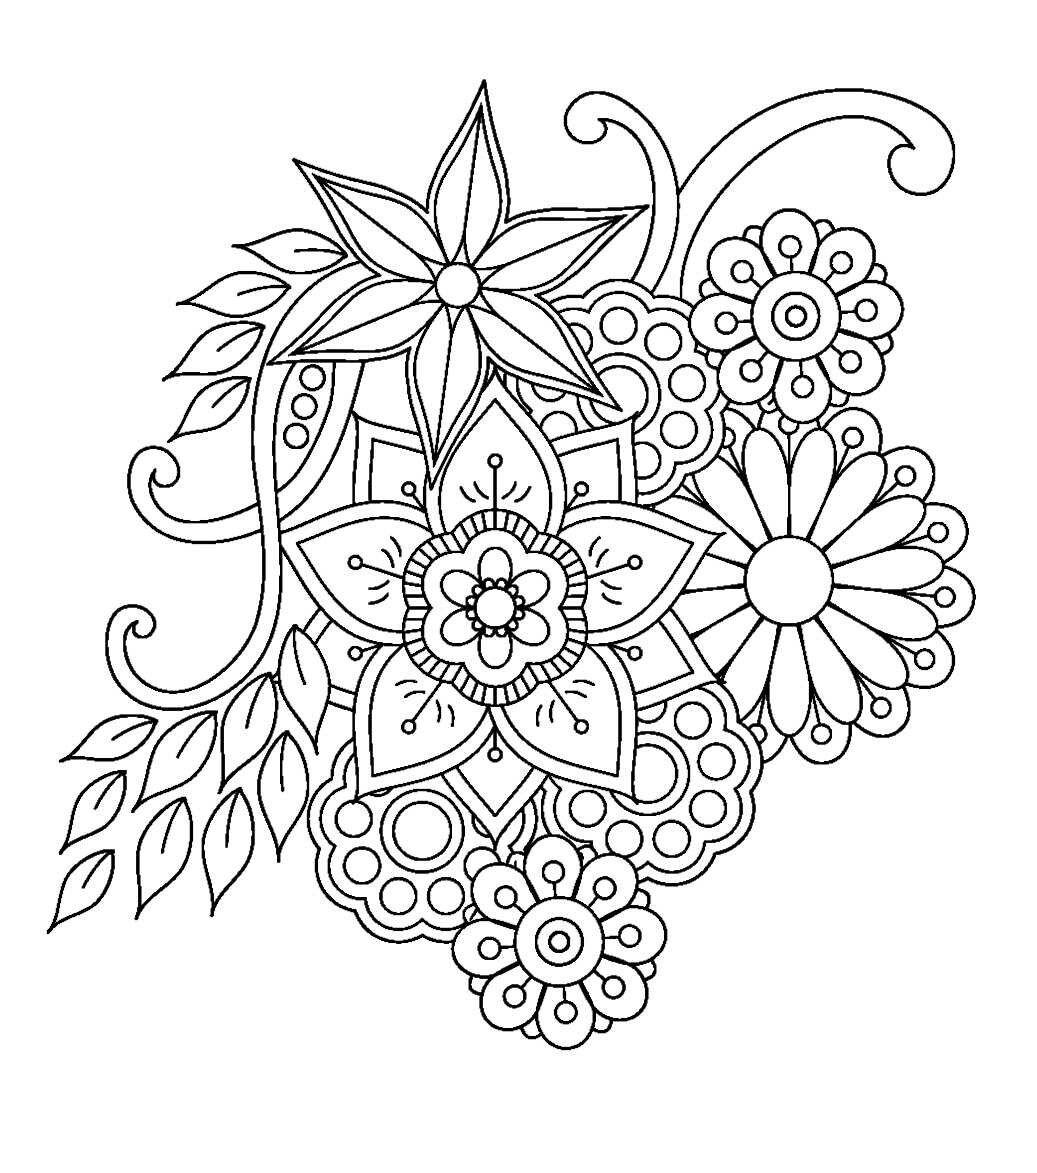 Pin de Cecilia Ramos en DIBUJOS | Pinterest | Mandalas, Bordado y ...